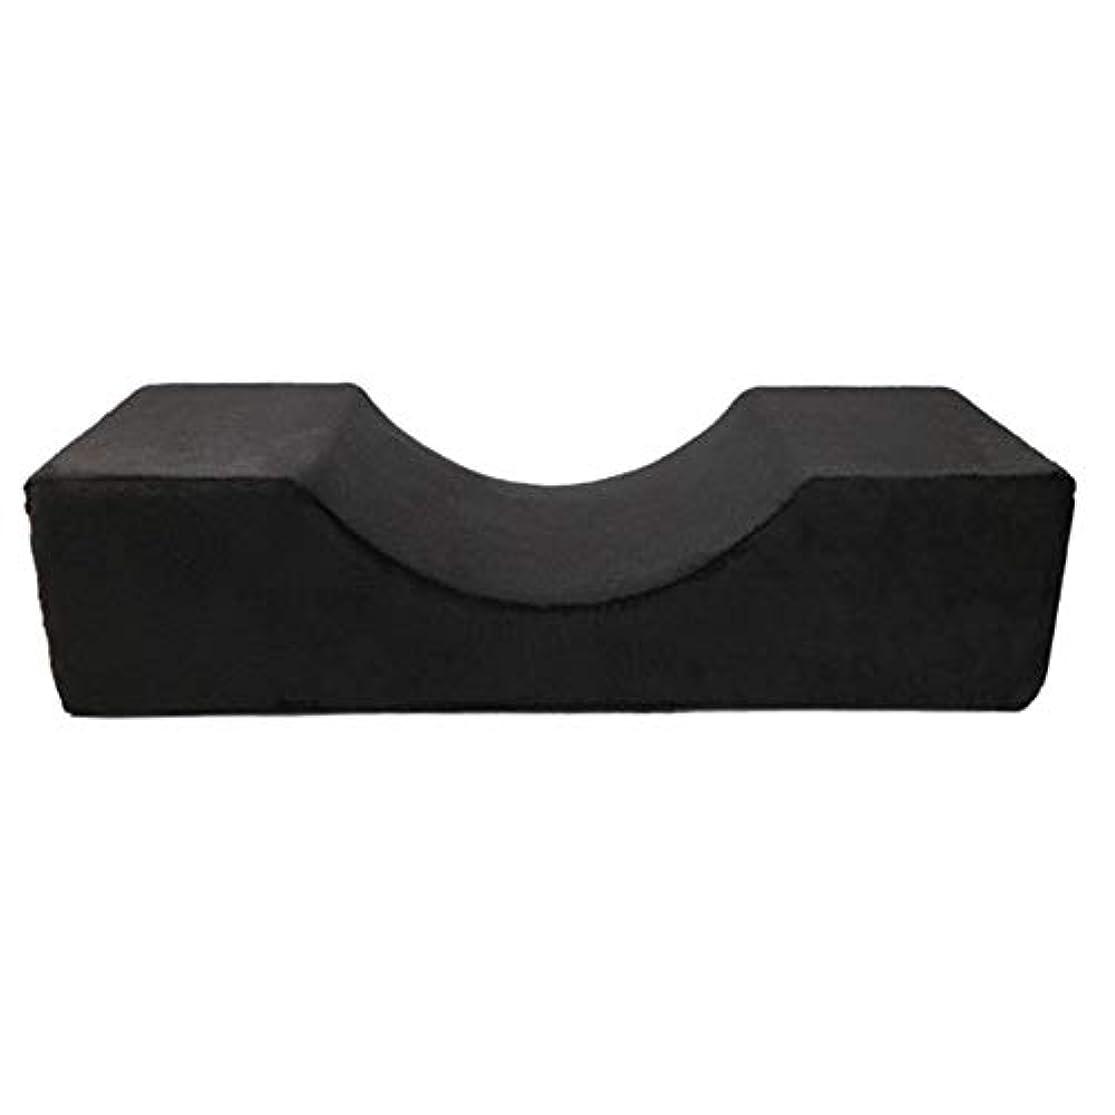 ヒロイン去る三番Blulux まつげ移植美容枕PUレザー防水まつげ枕移植まつげ枕(opp袋)